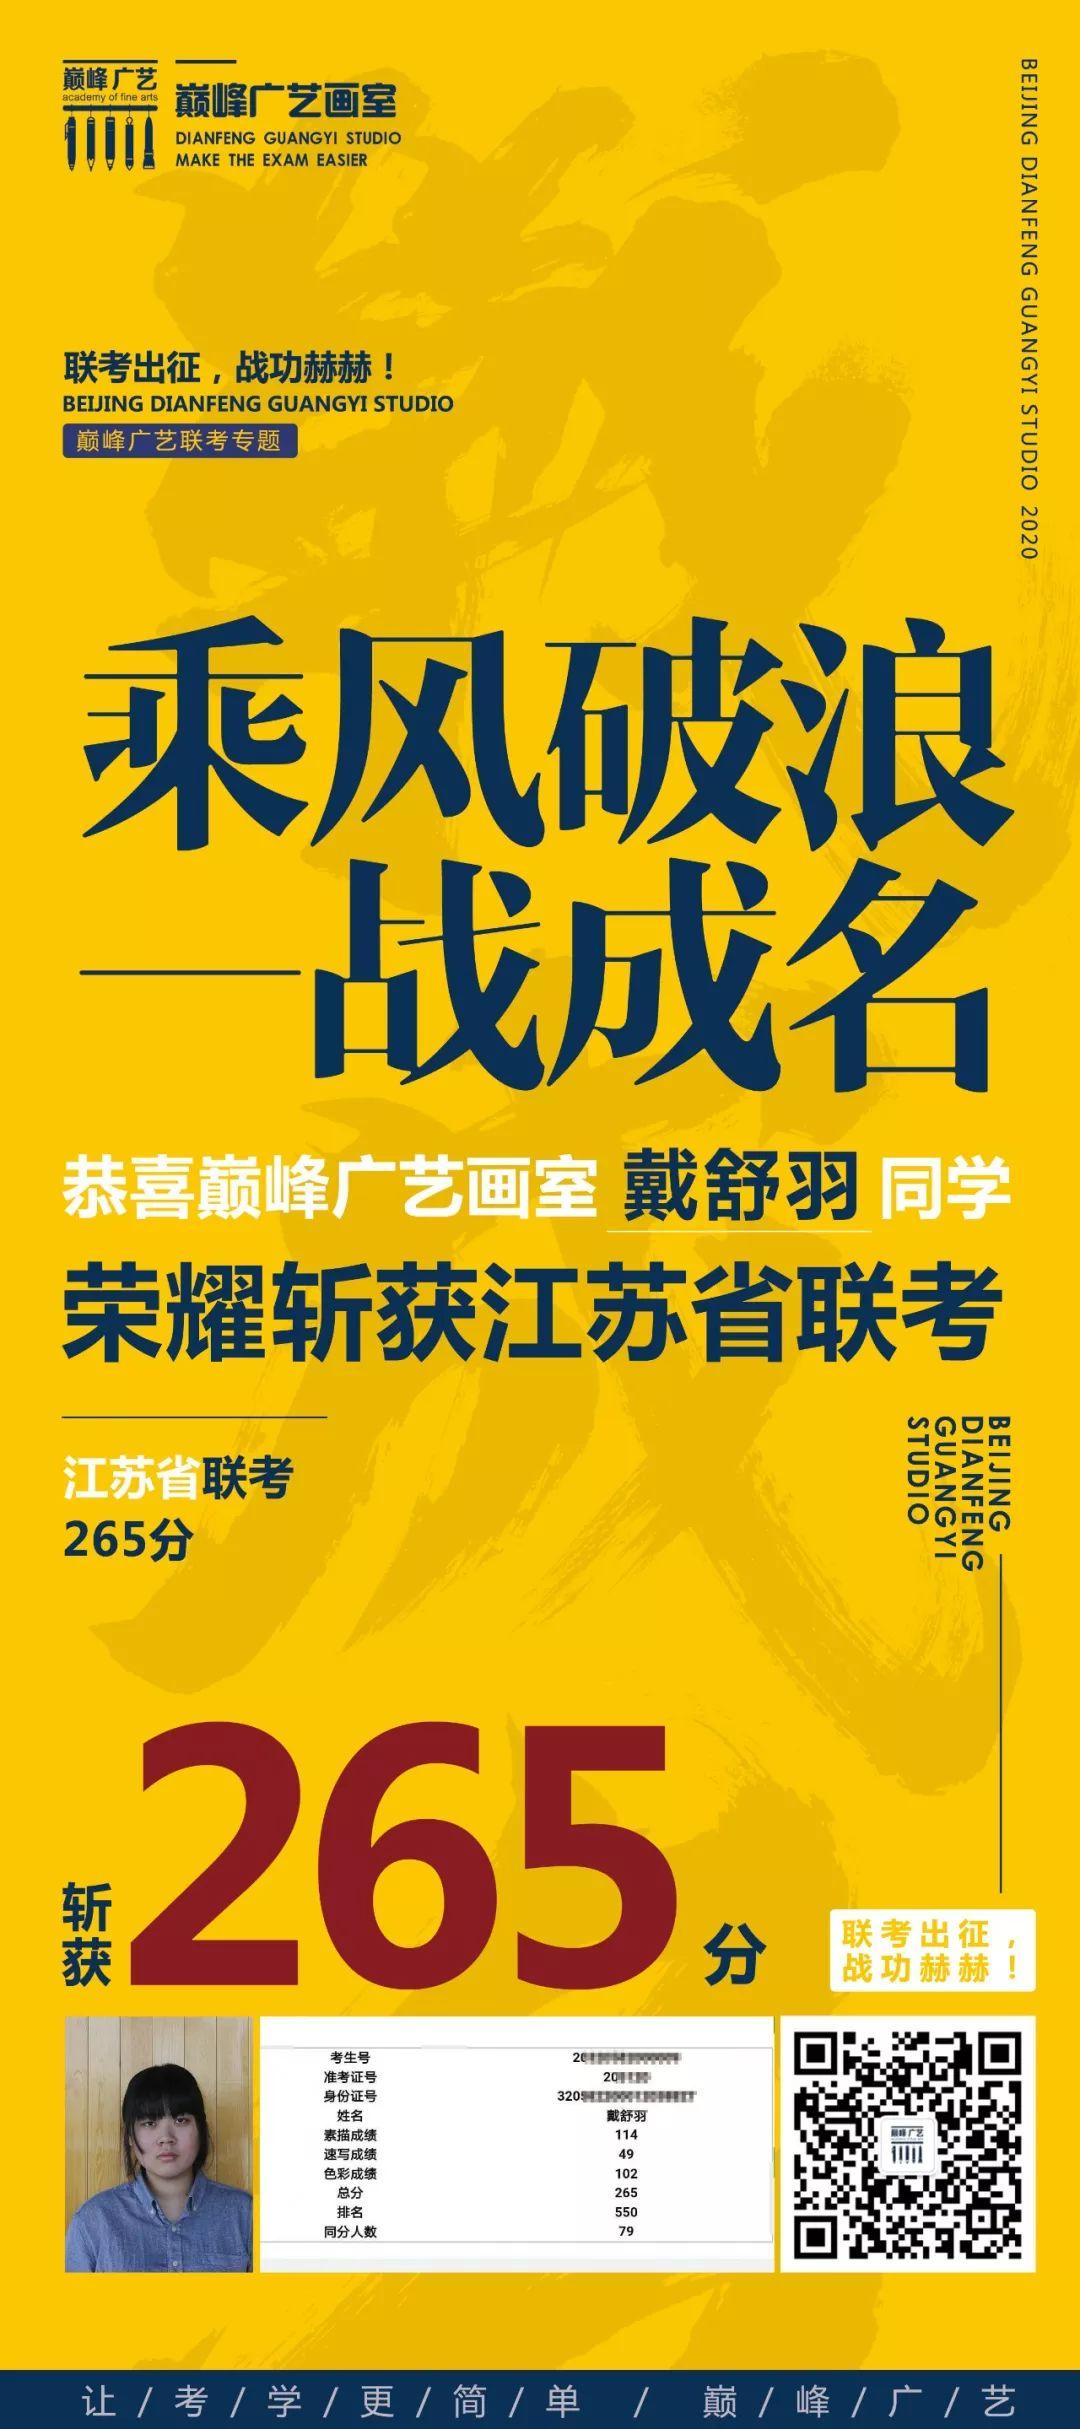 北京美术联考,北京巅峰广艺画室,北京画室     03